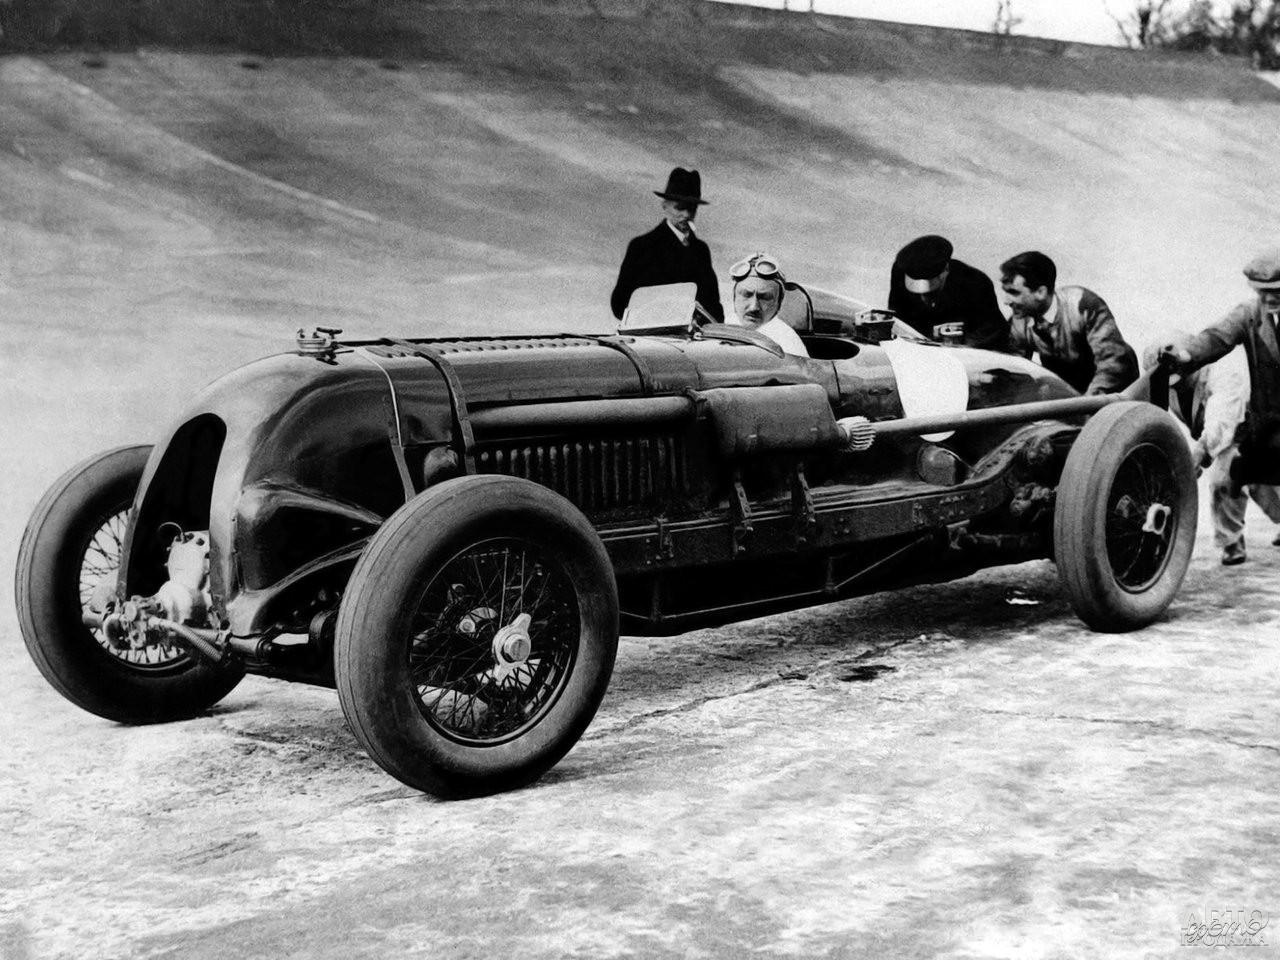 Специально подготовленный Bentley 4 ½ Litre Blower развил в Брукландсе 222 км/ч